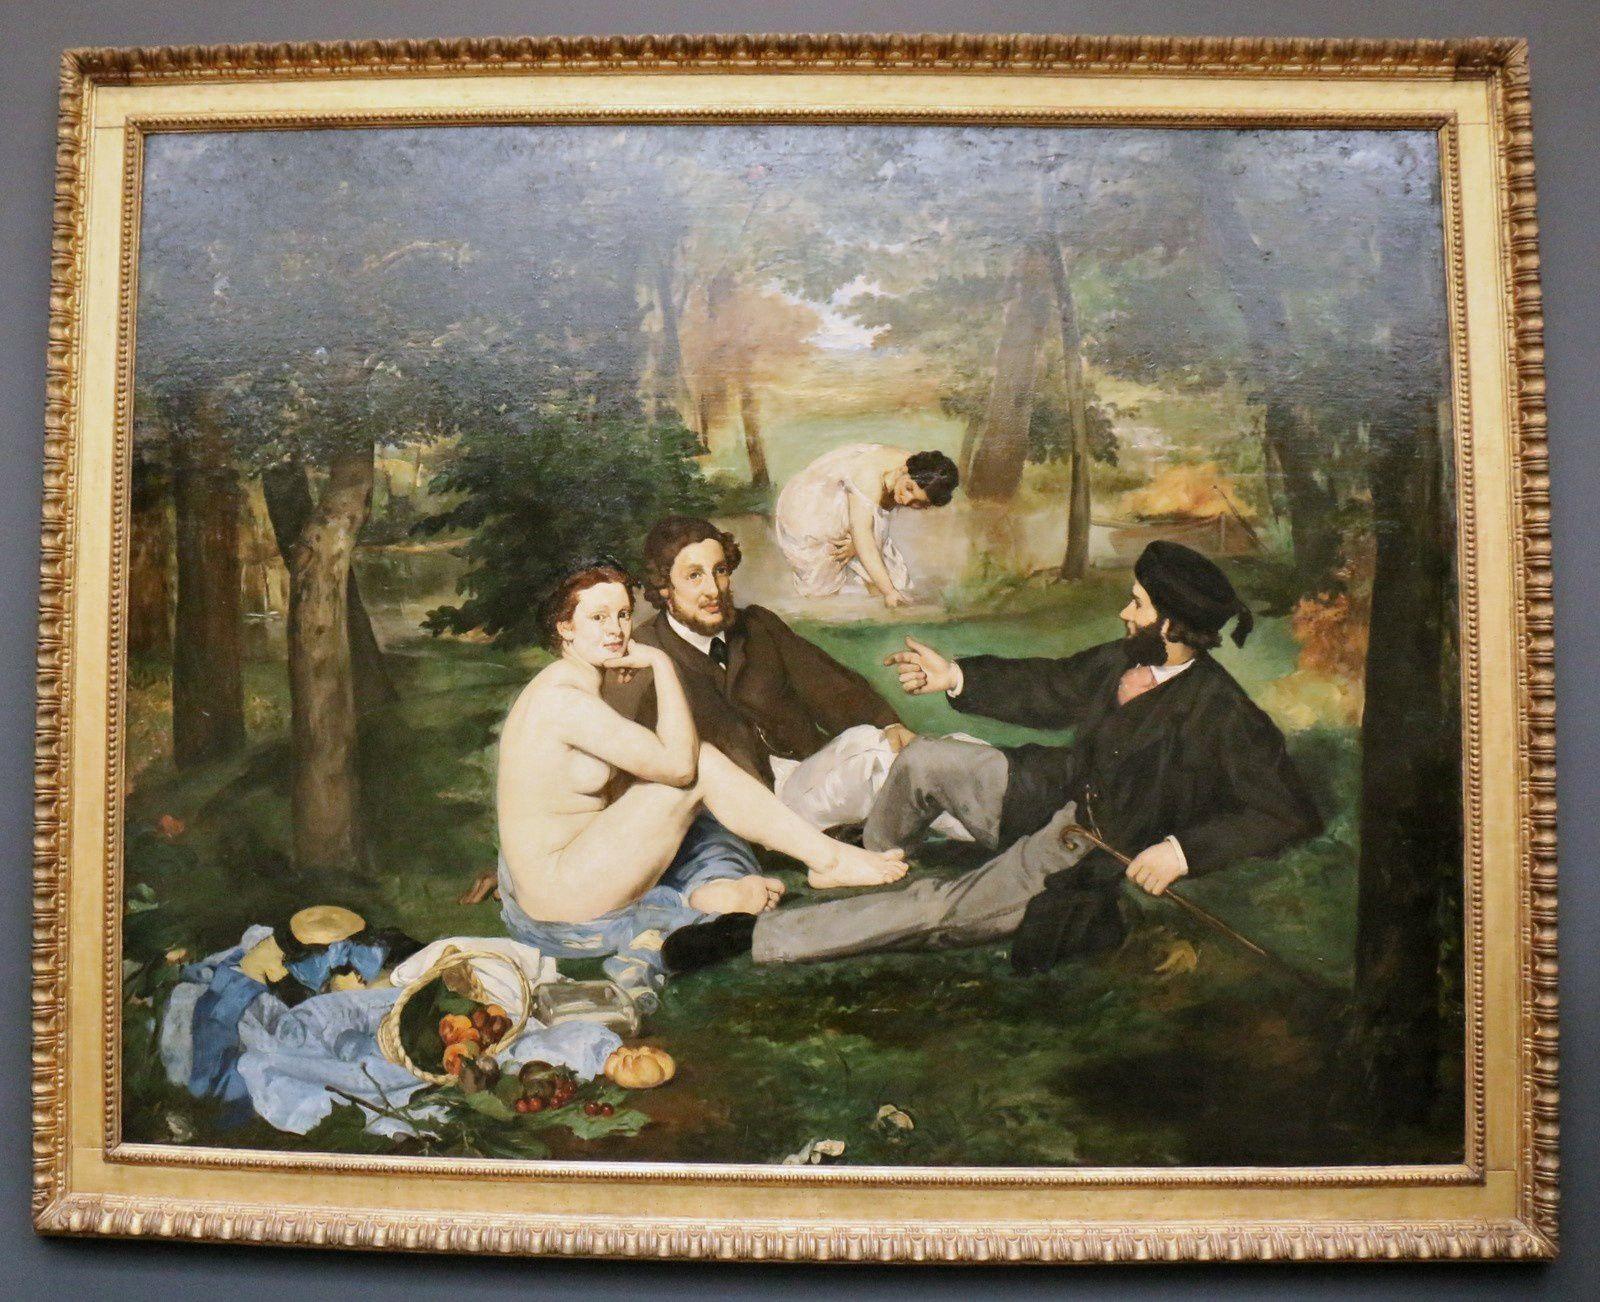 Le déjeuner sur l'herbe, huile sur toile d'Edouard Manet